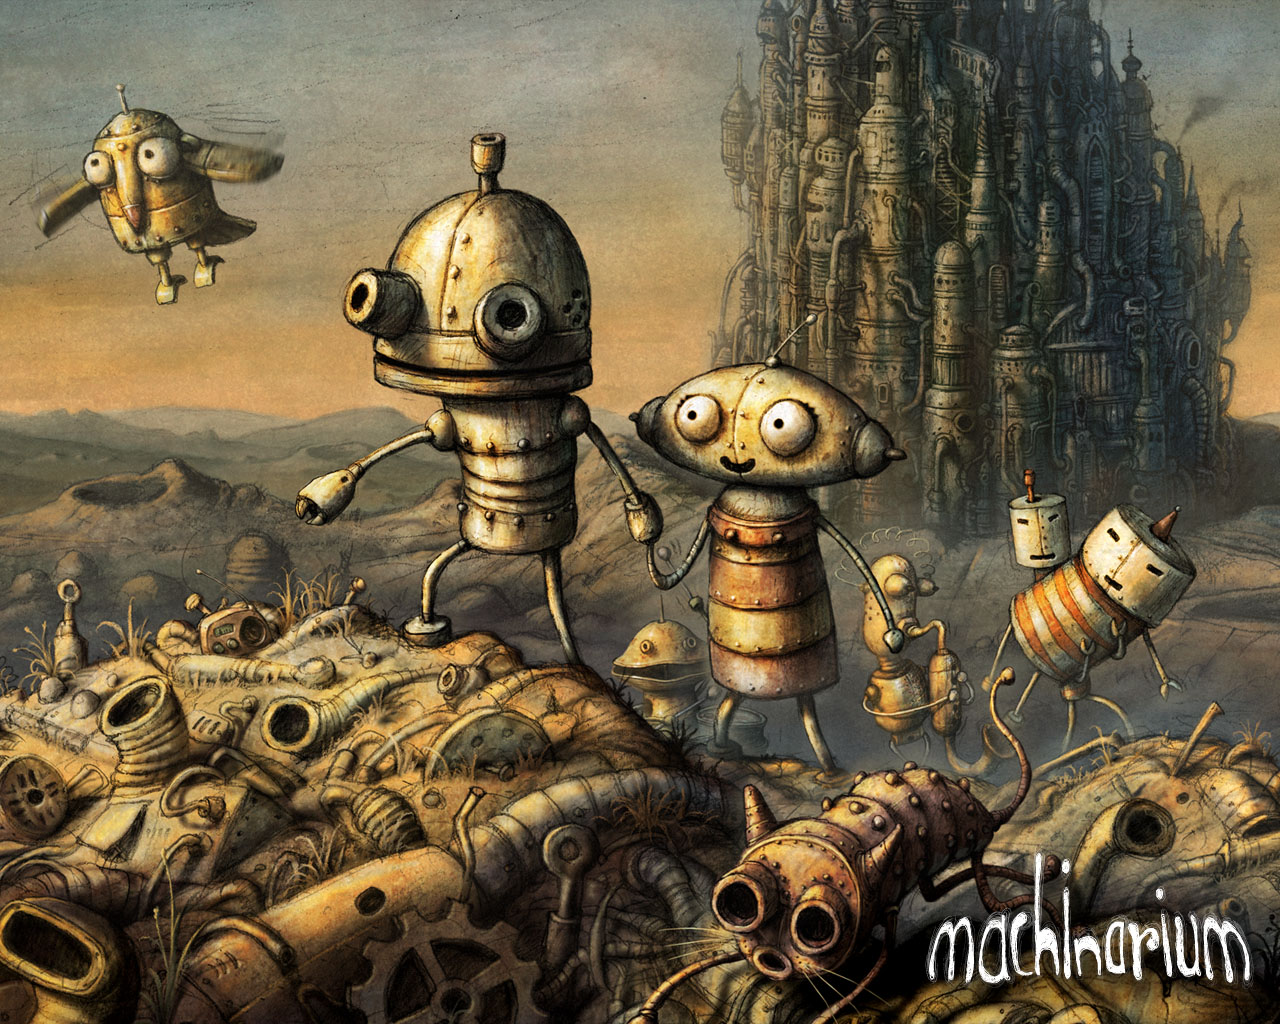 [MF] Machinarium Cover_1280x1024